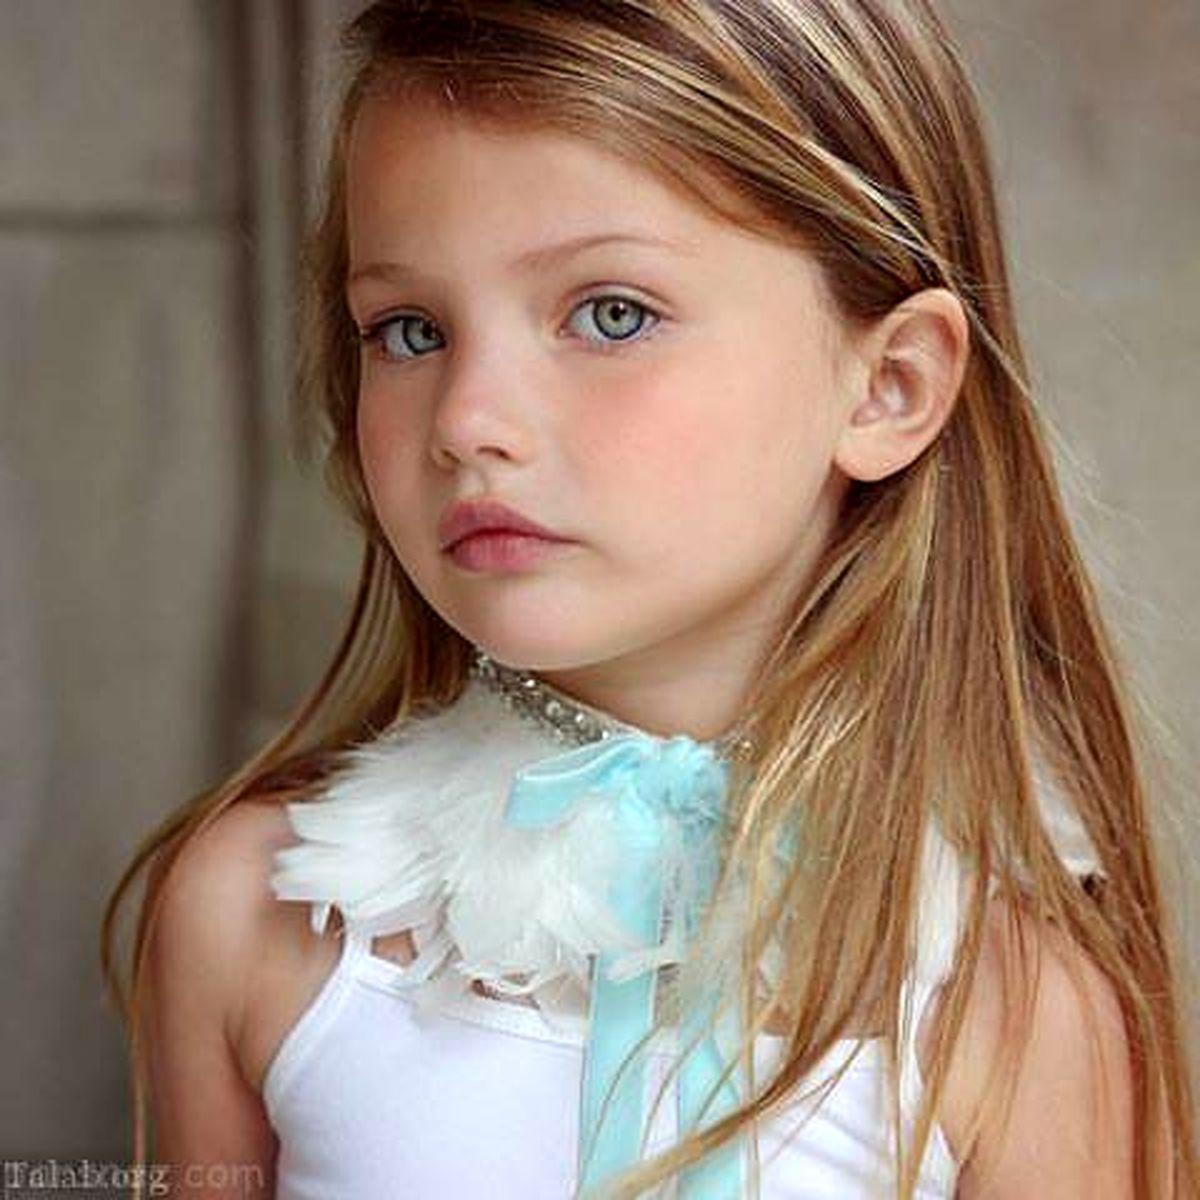 با زیباترین کودکان جهان آشنا شوید!